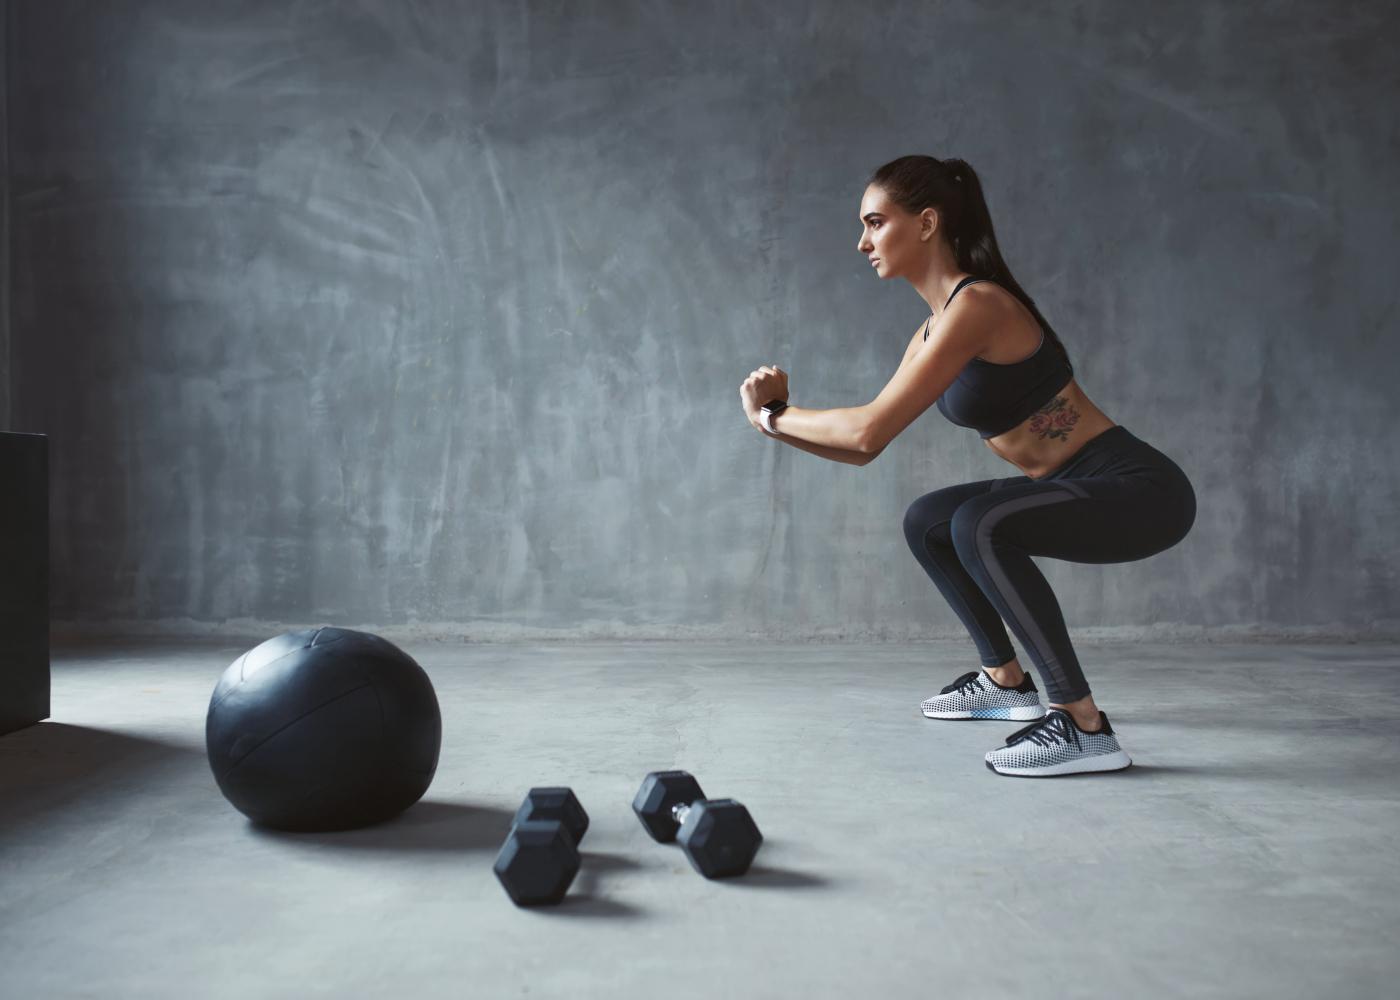 dieta para secar: exercício físico